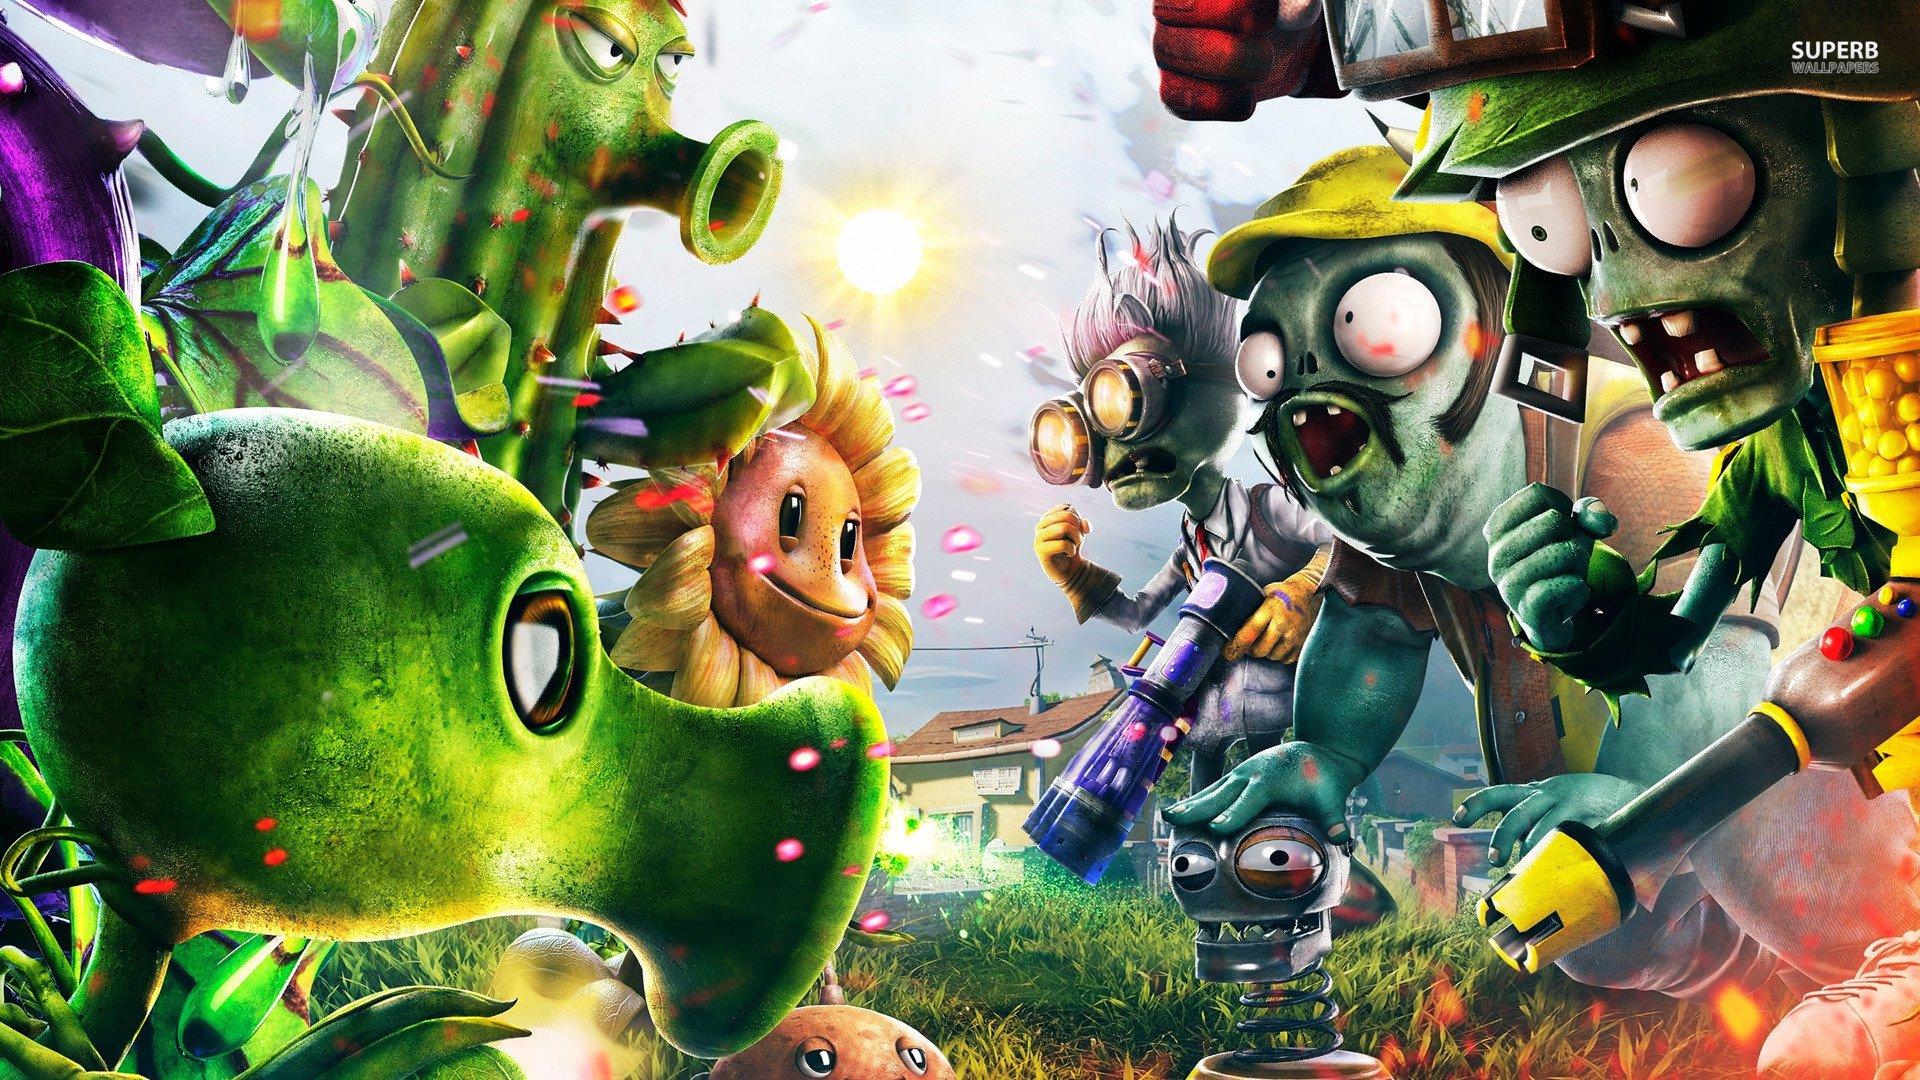 3 игры от EA для платформ Sony БЕСПЛАТНО И БЕЗ СМС!!! - Изображение 1